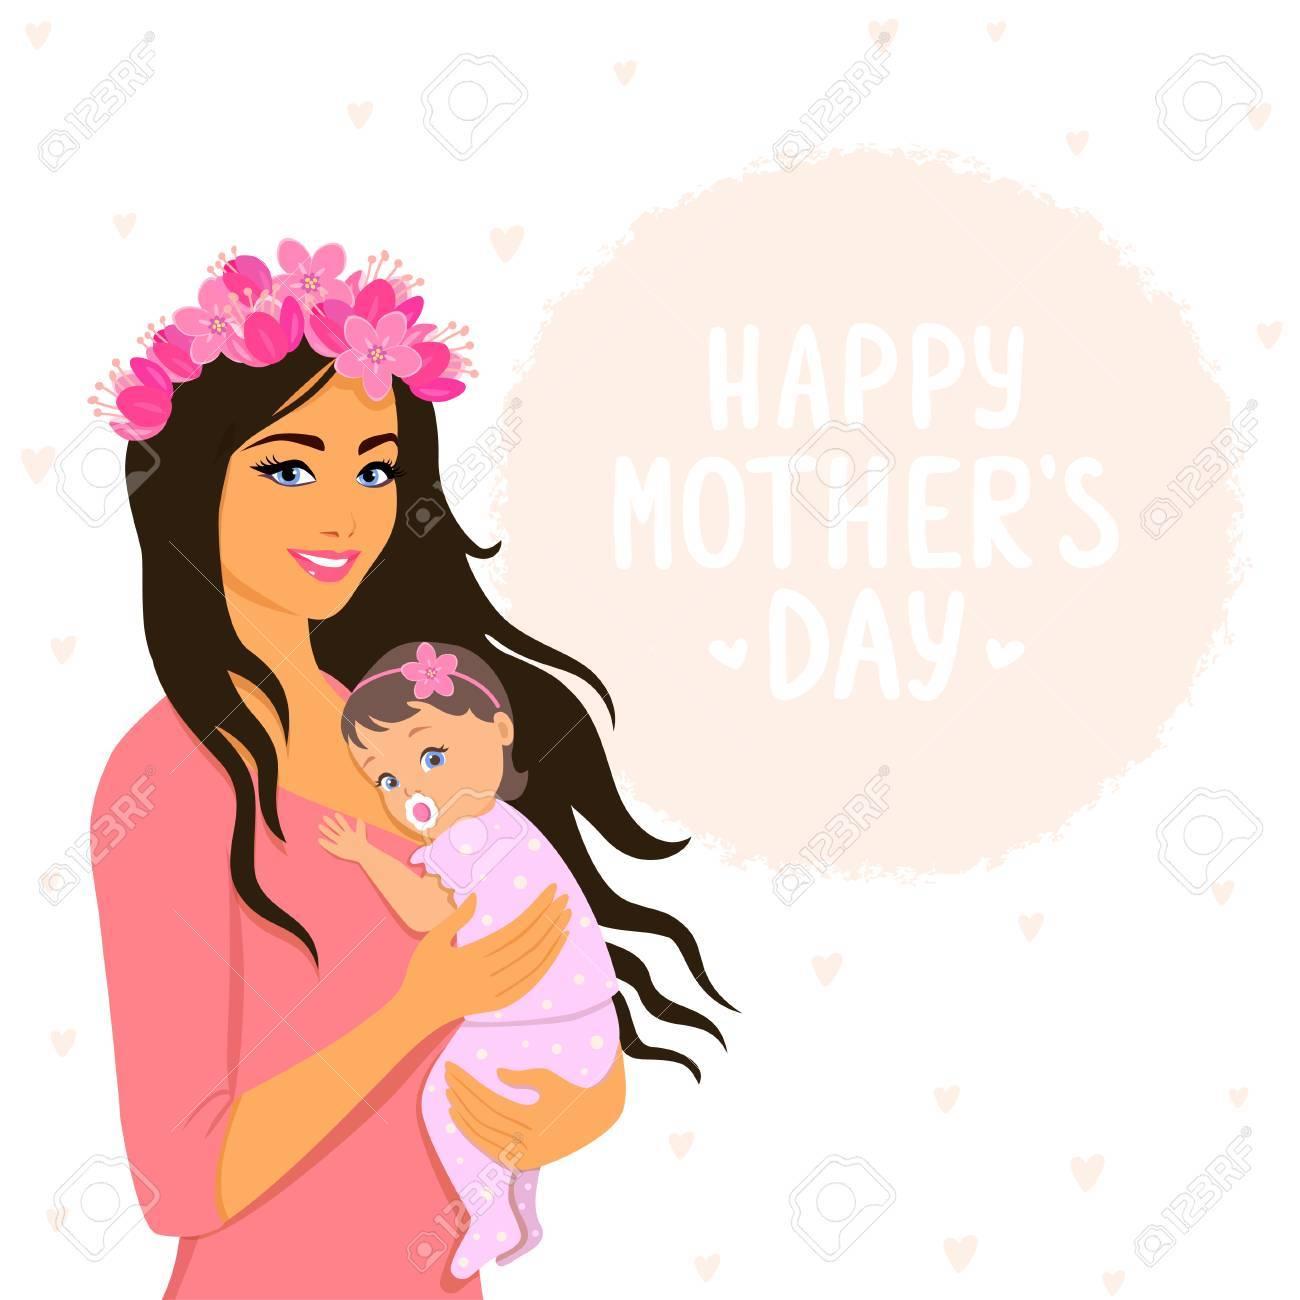 216fb89c5 Feliz maternidad Ilustración para el día de las madres. Ilustración  vectorial Joven y feliz mujer con niño.